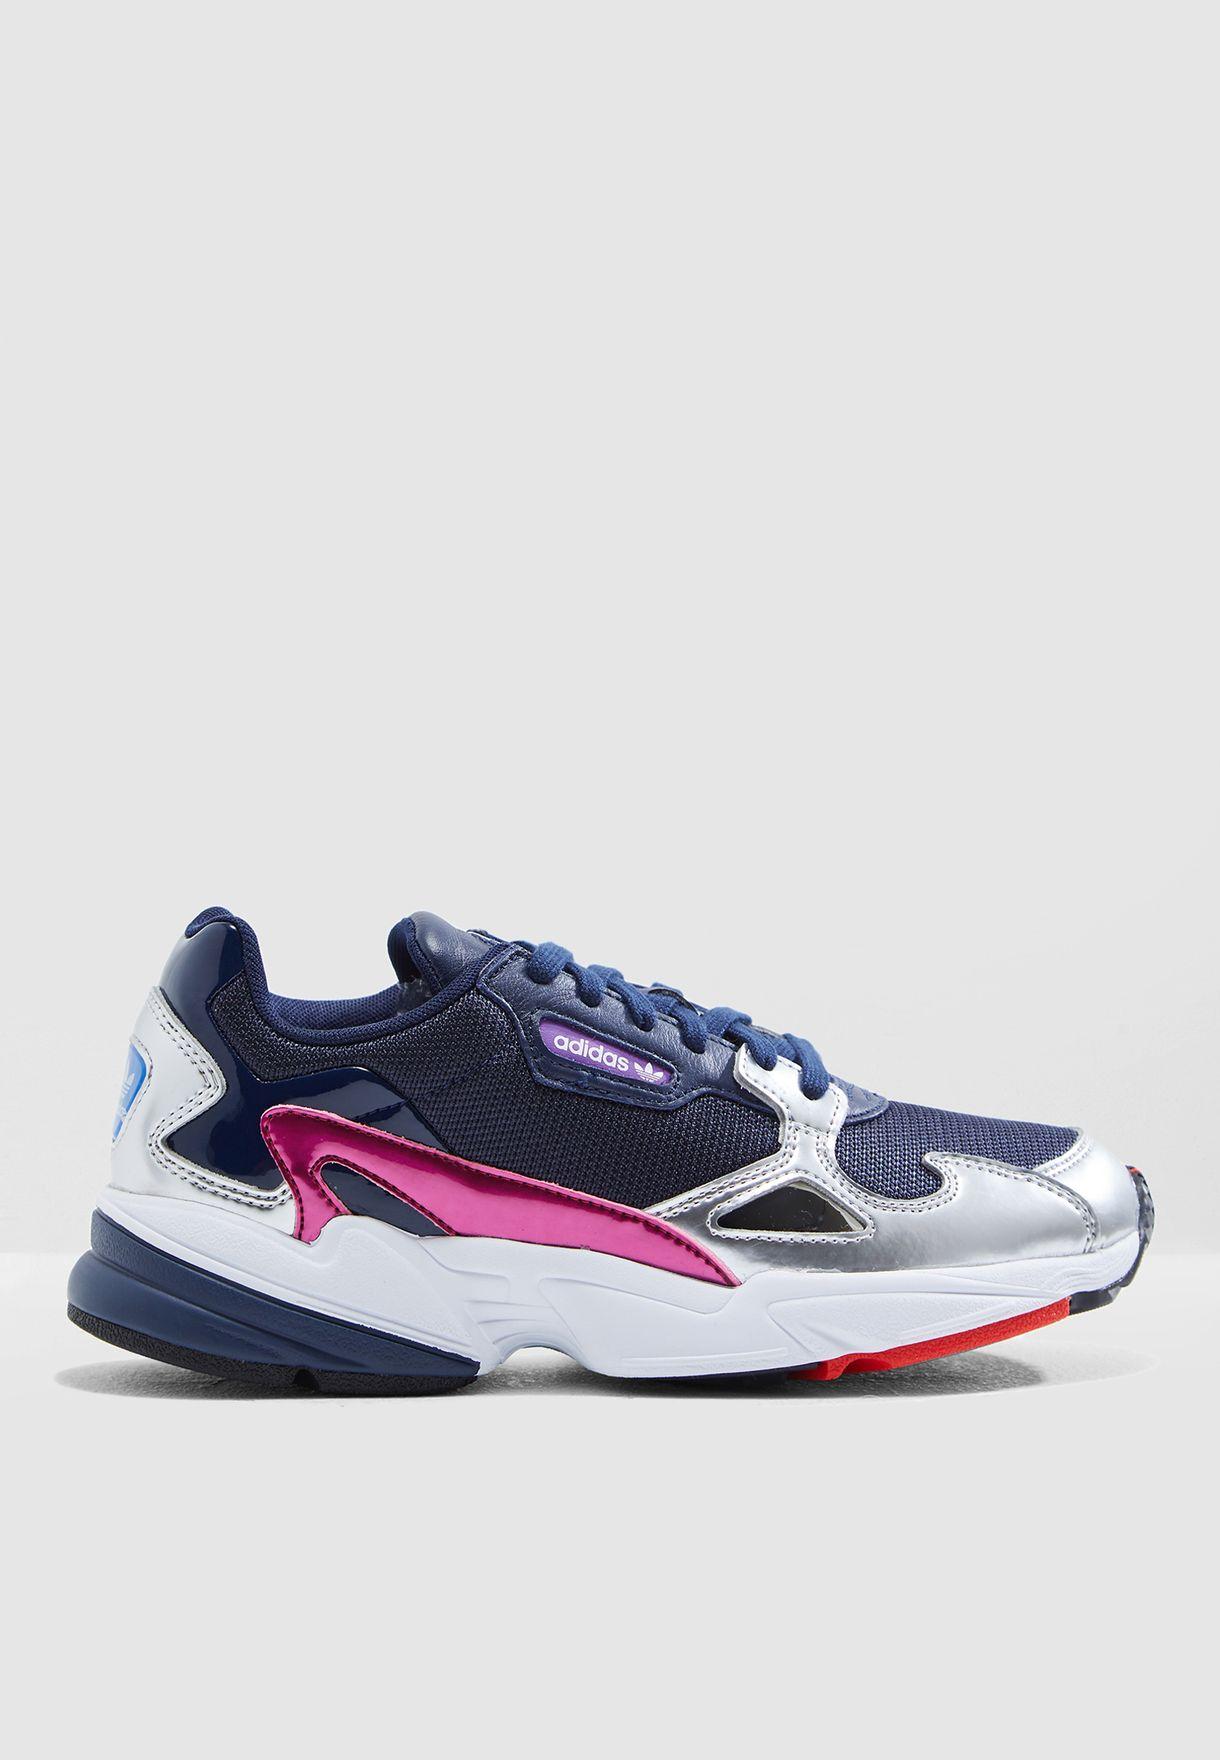 48c6200d7852a تسوق حذاء فالكون ماركة اديداس اورجينال لون كحلي CG6213 في ...